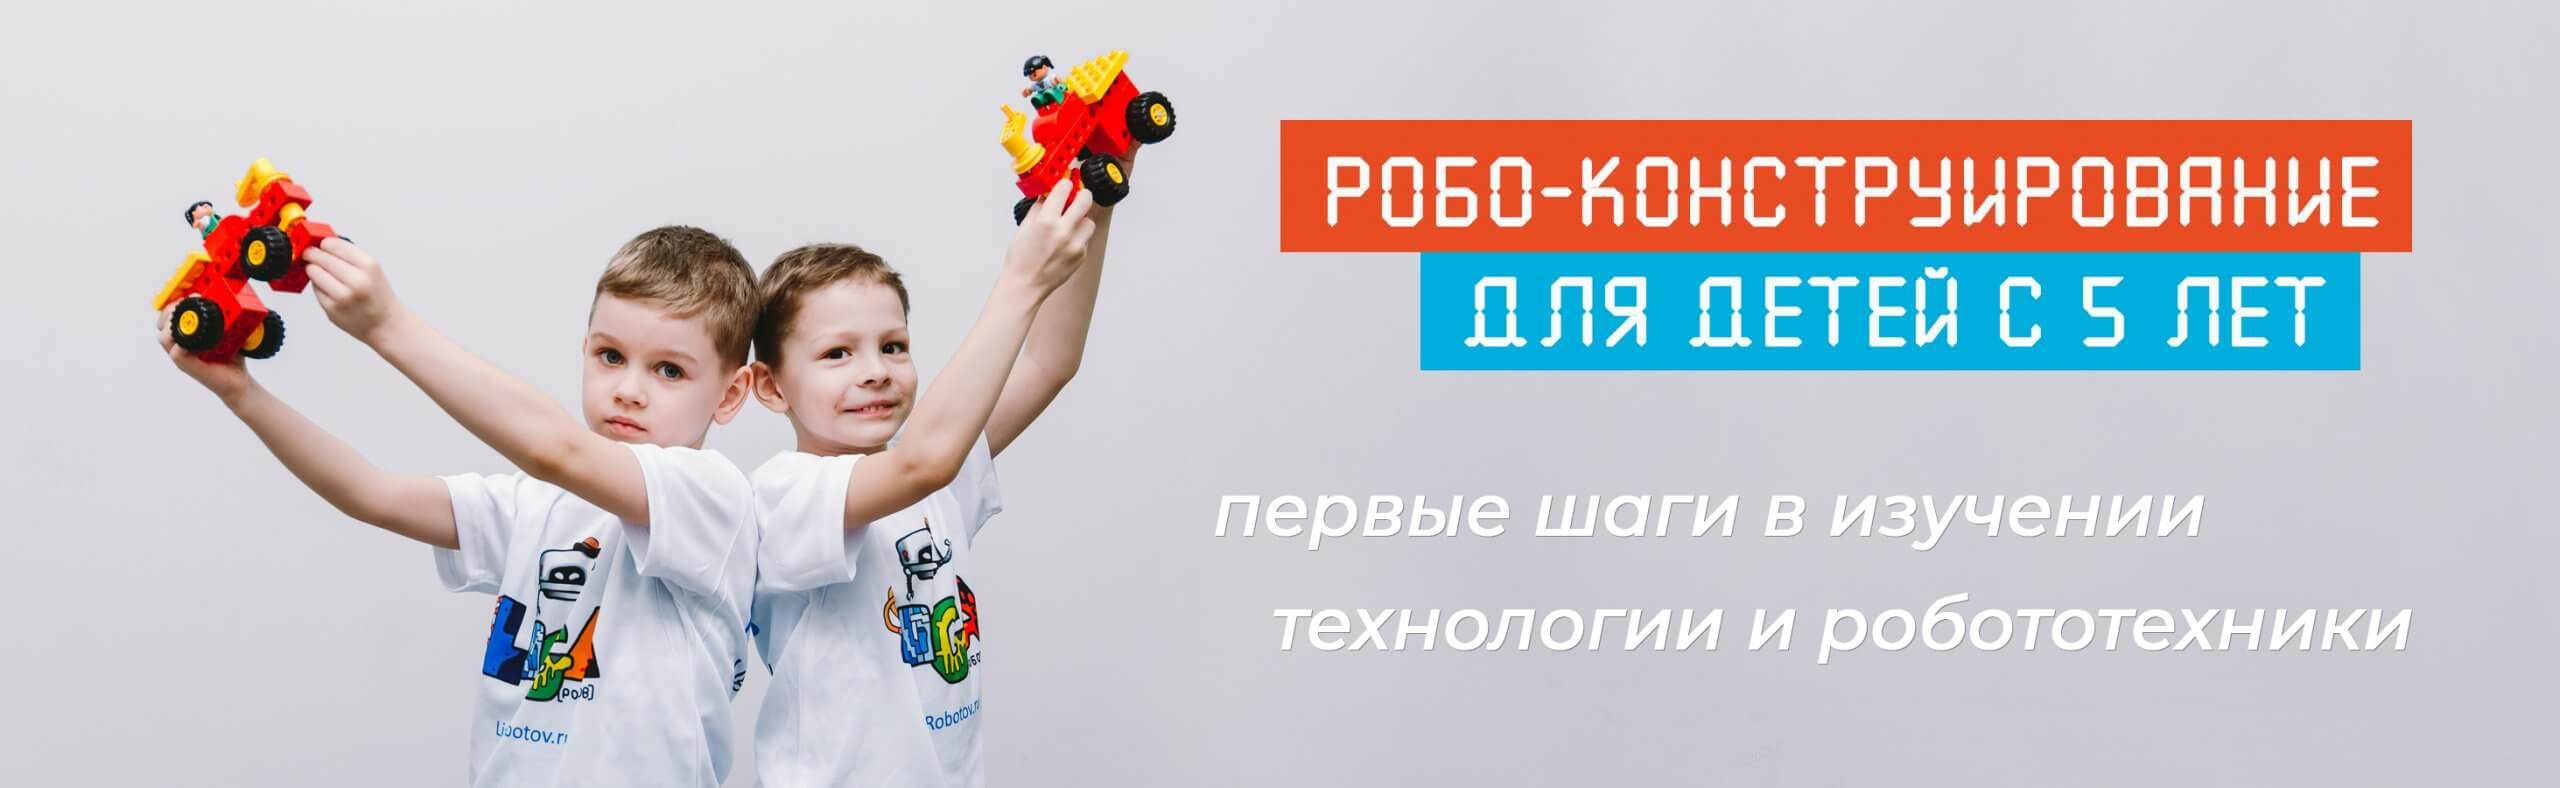 Робо-конструирование для детей